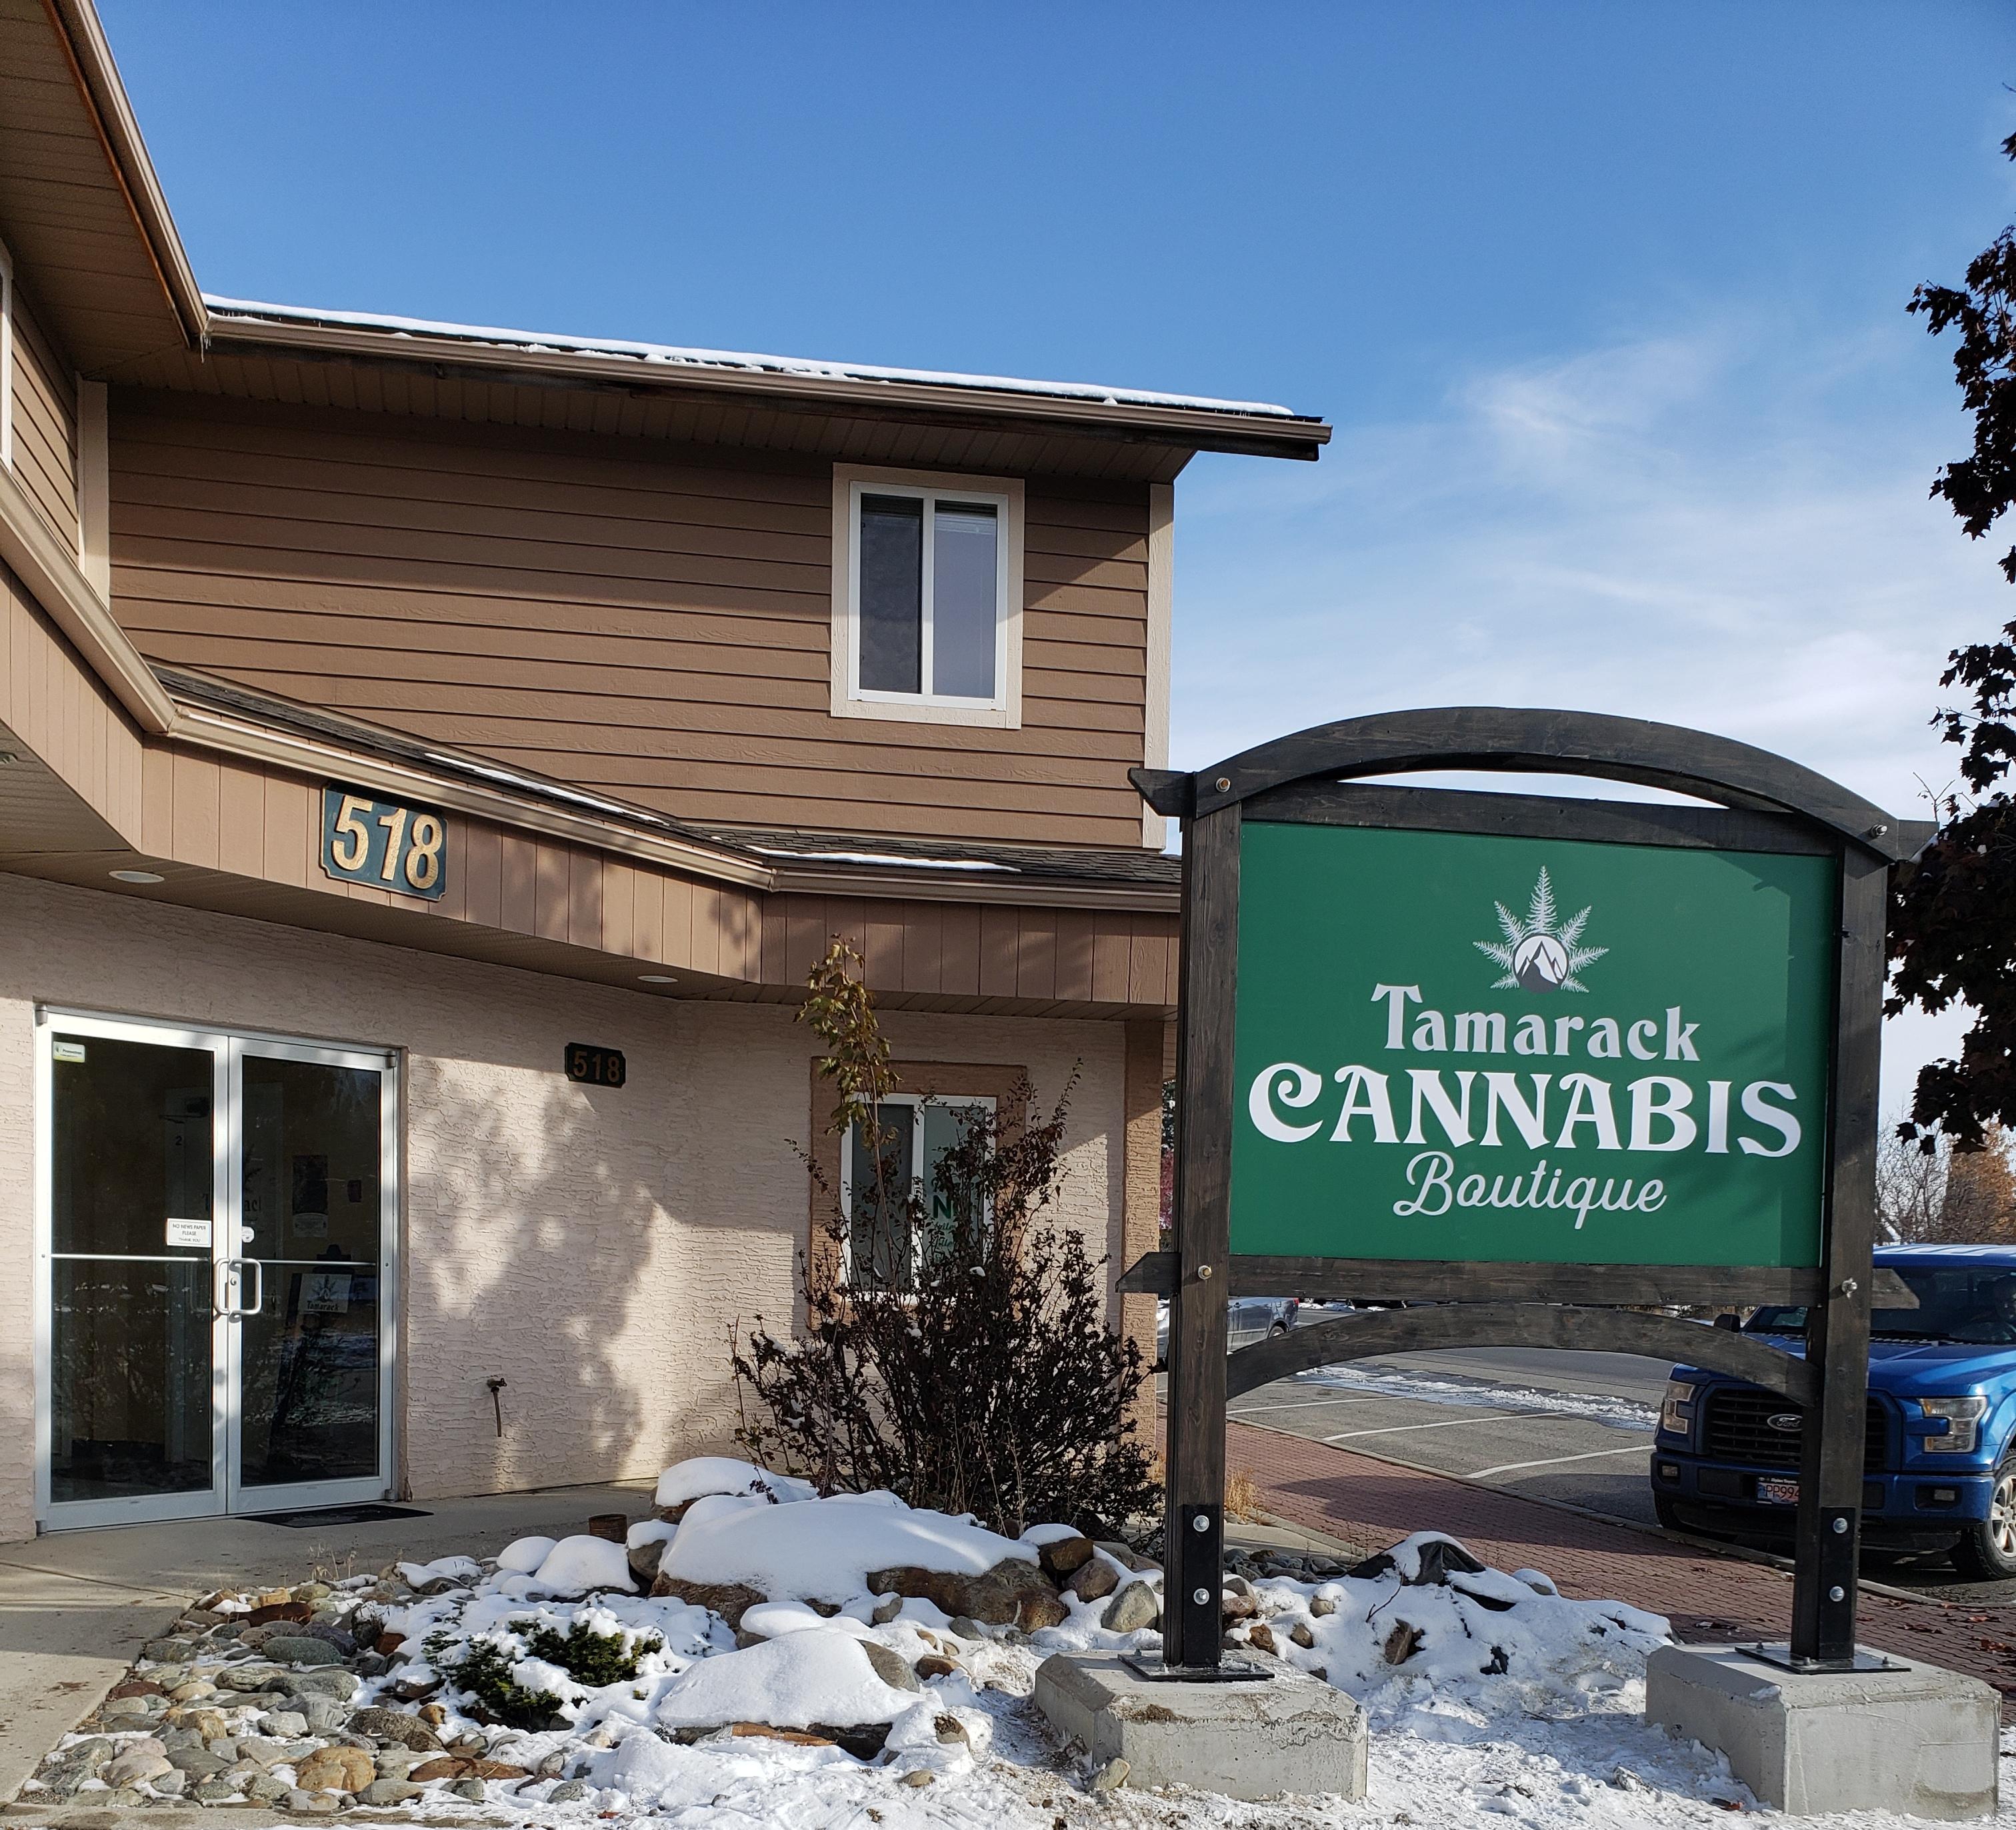 Tamarack Cannabis Boutique